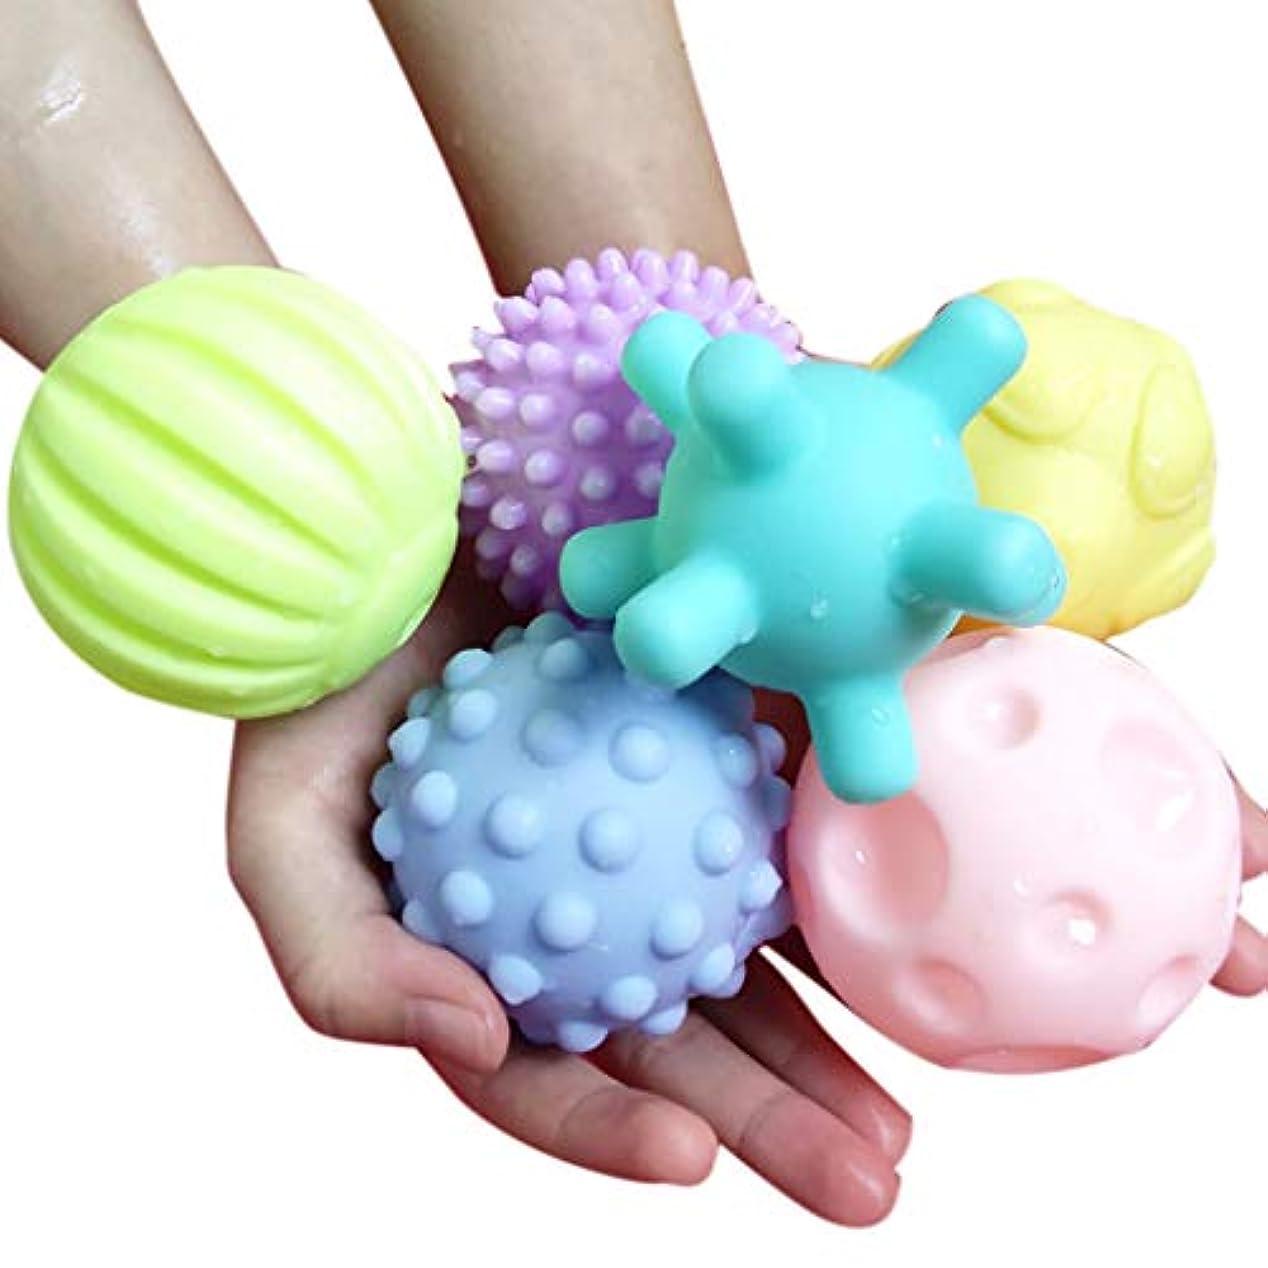 確保する軍隊バウンス6本入浴おもちゃボール、赤ちゃん入浴おもちゃ、触覚ゲーム、様々な形、海洋生物 (6PCS)